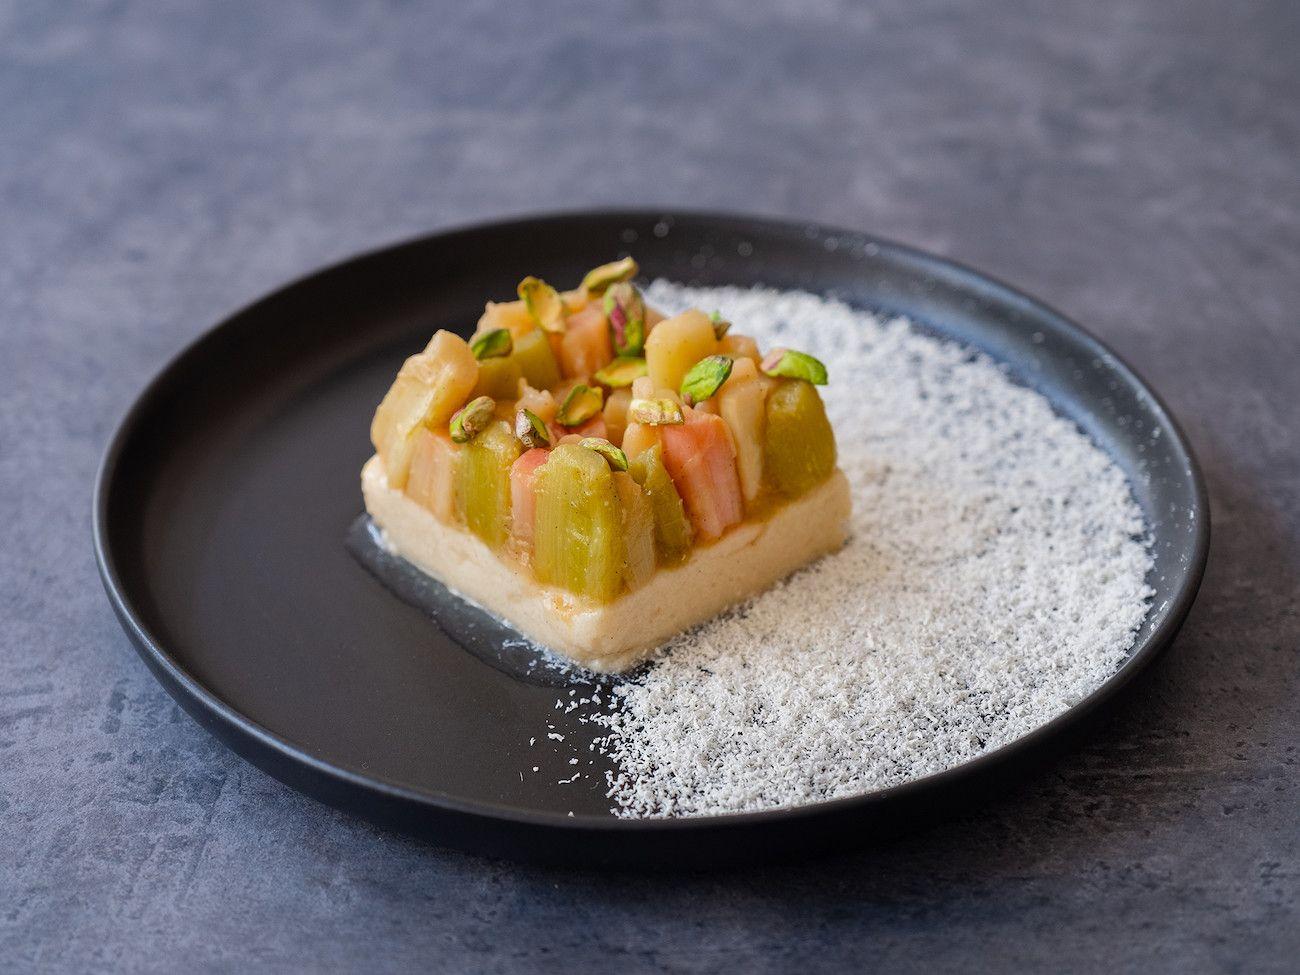 Foodblog About Fuel, Rezept Grießpudding Schnitte mit weißer Schokolade und Vanille-Rhabarber, Nachtisch, Pistazien